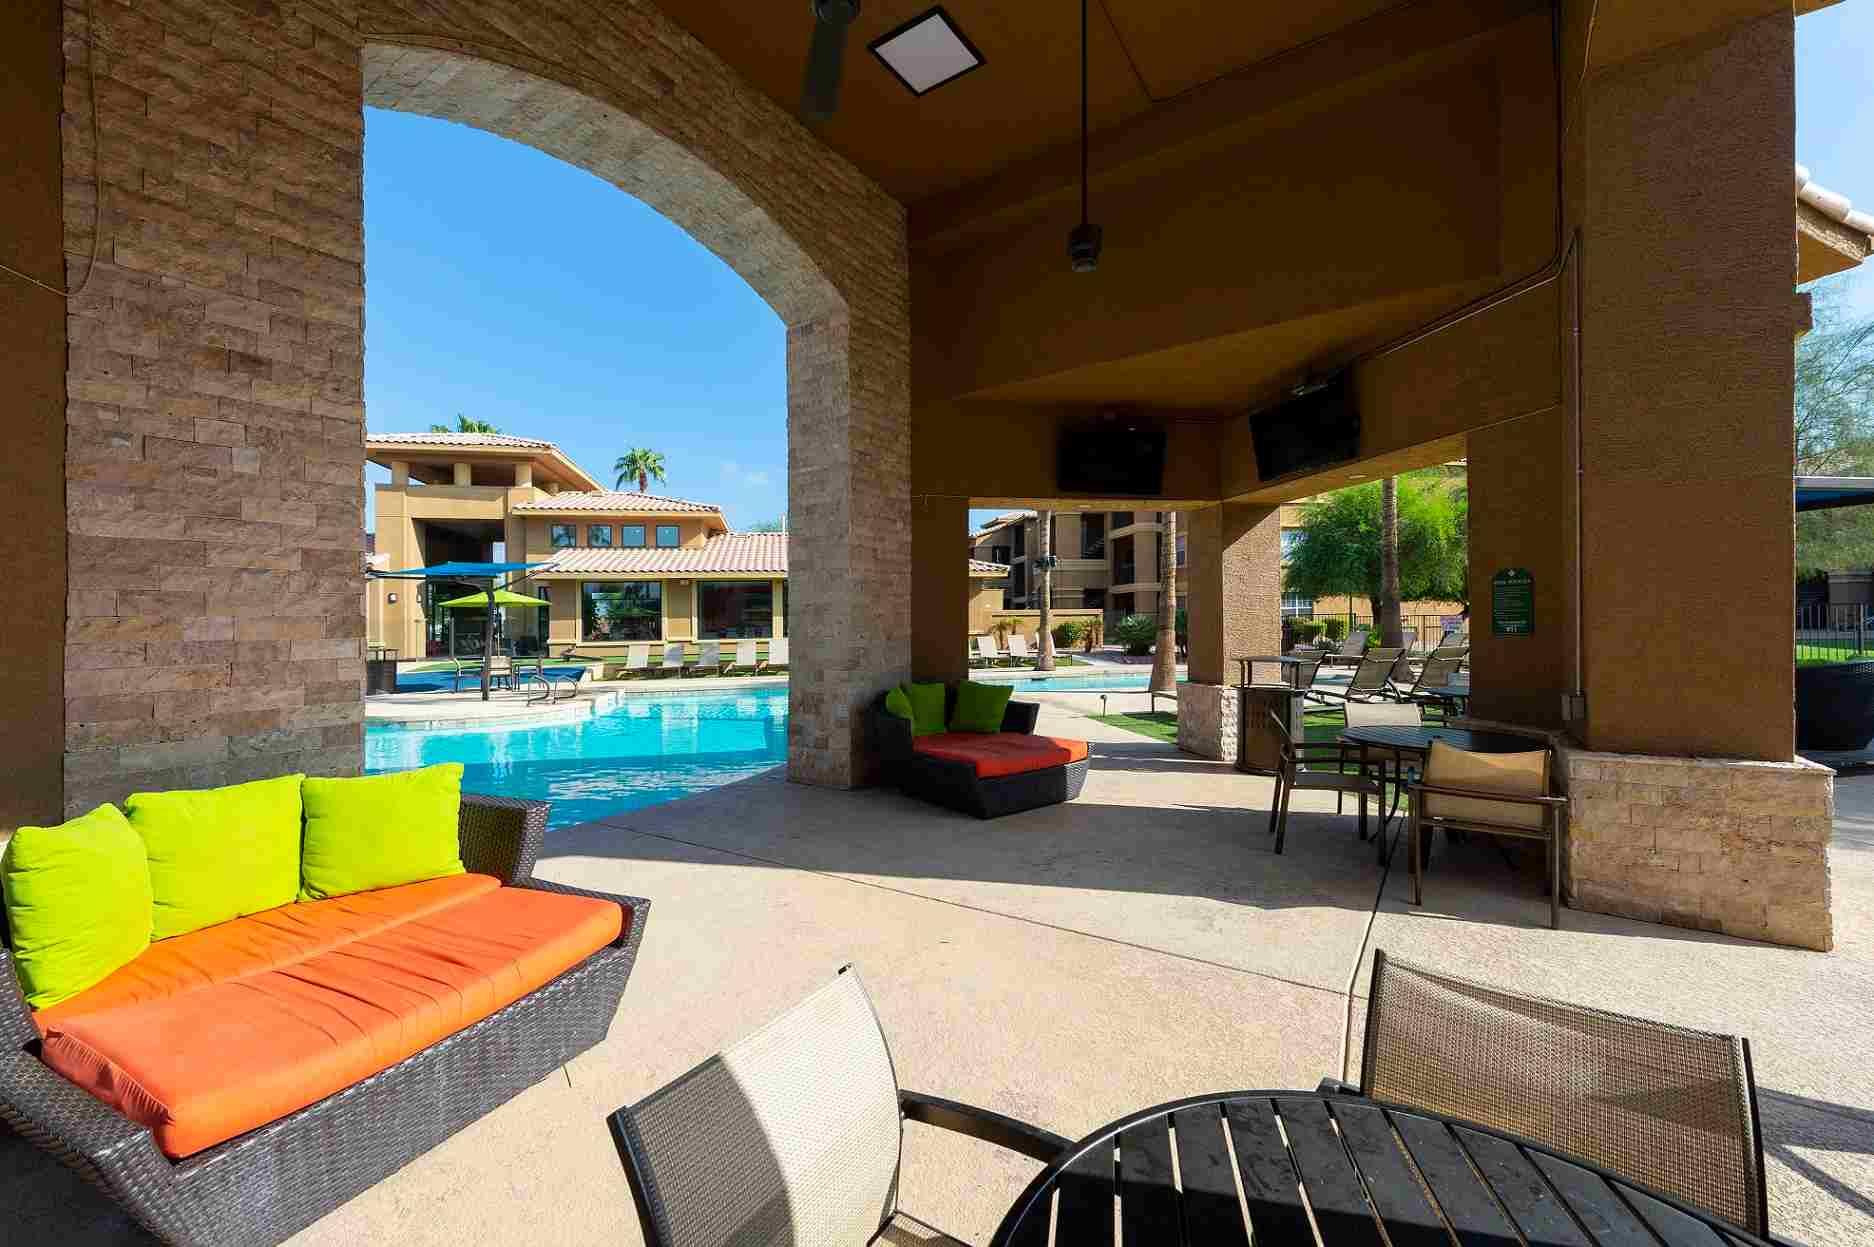 Gateway-At-Tempe-AZ-Poolside-3-Unilodgers